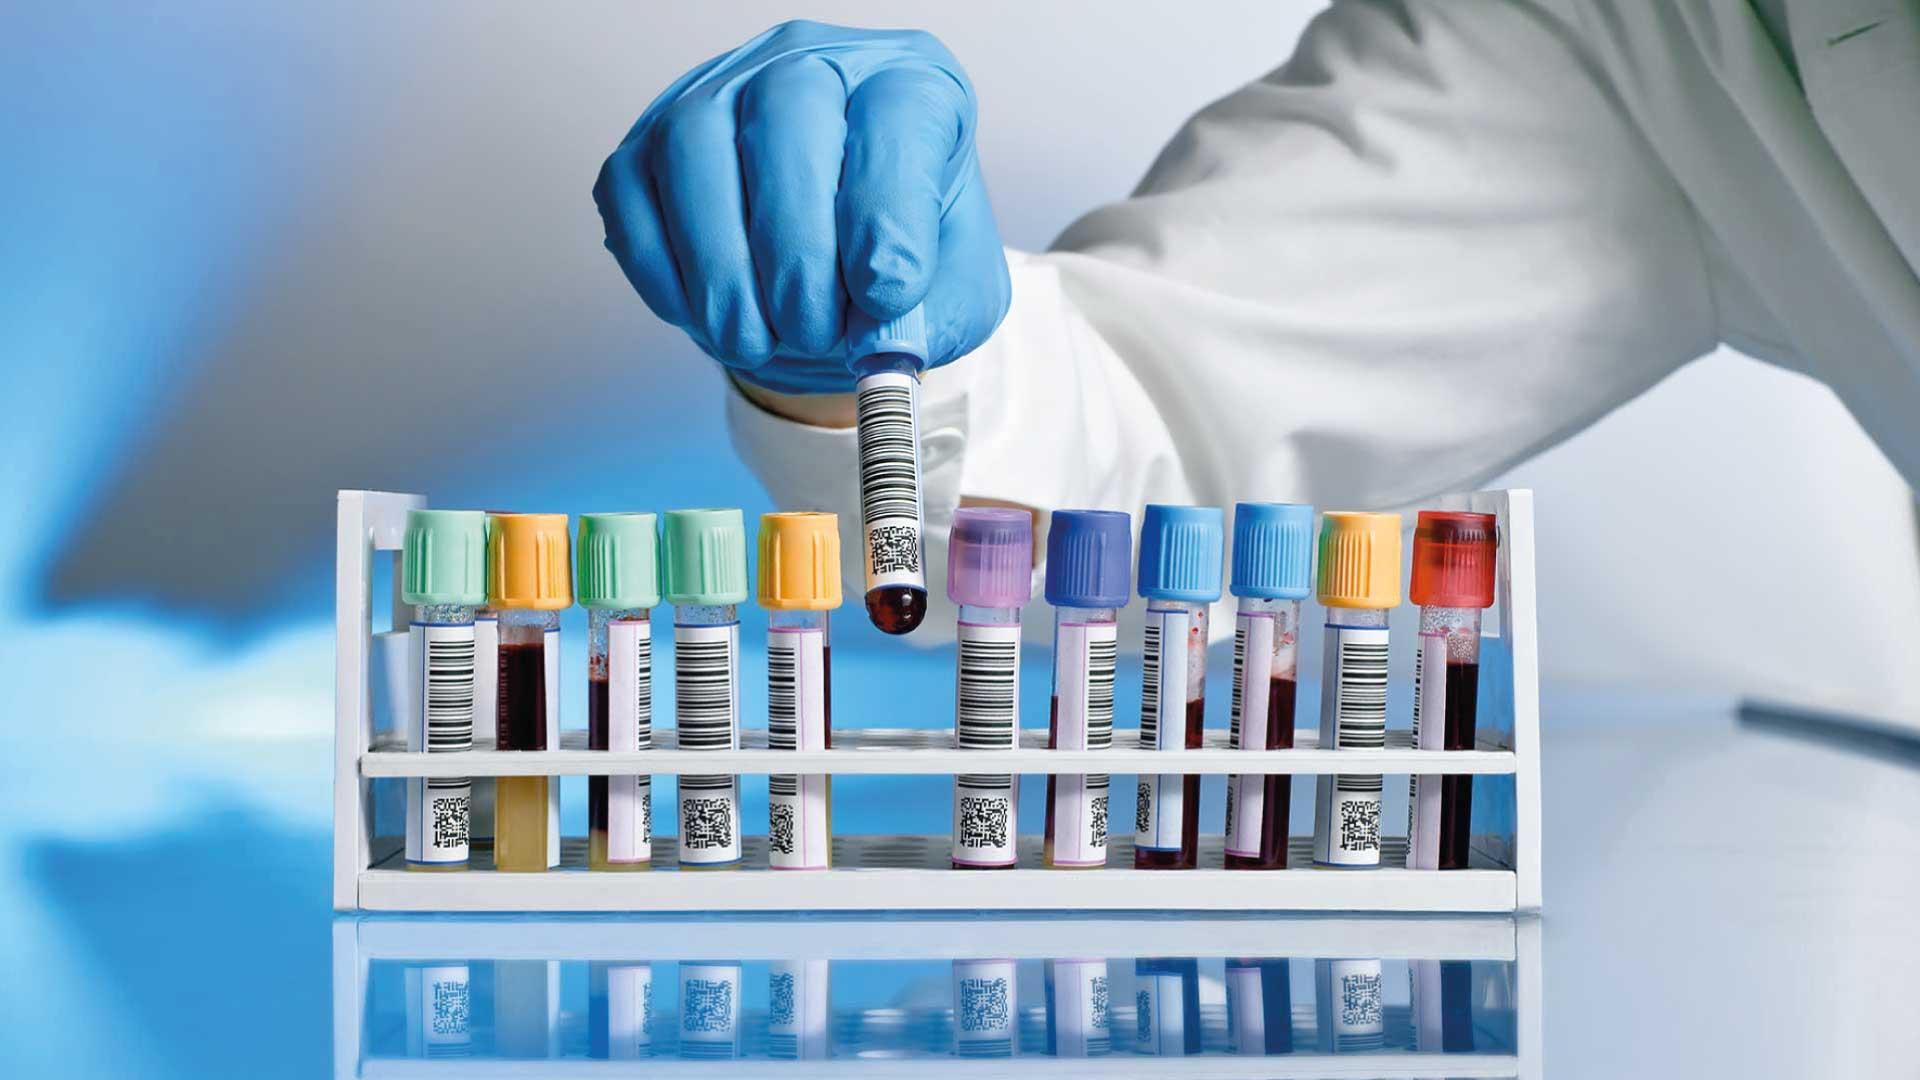 Perfiles analíticos personalizados   Laboratorio Ganivet   Laboratorio de Análisis Clínicos   Granada